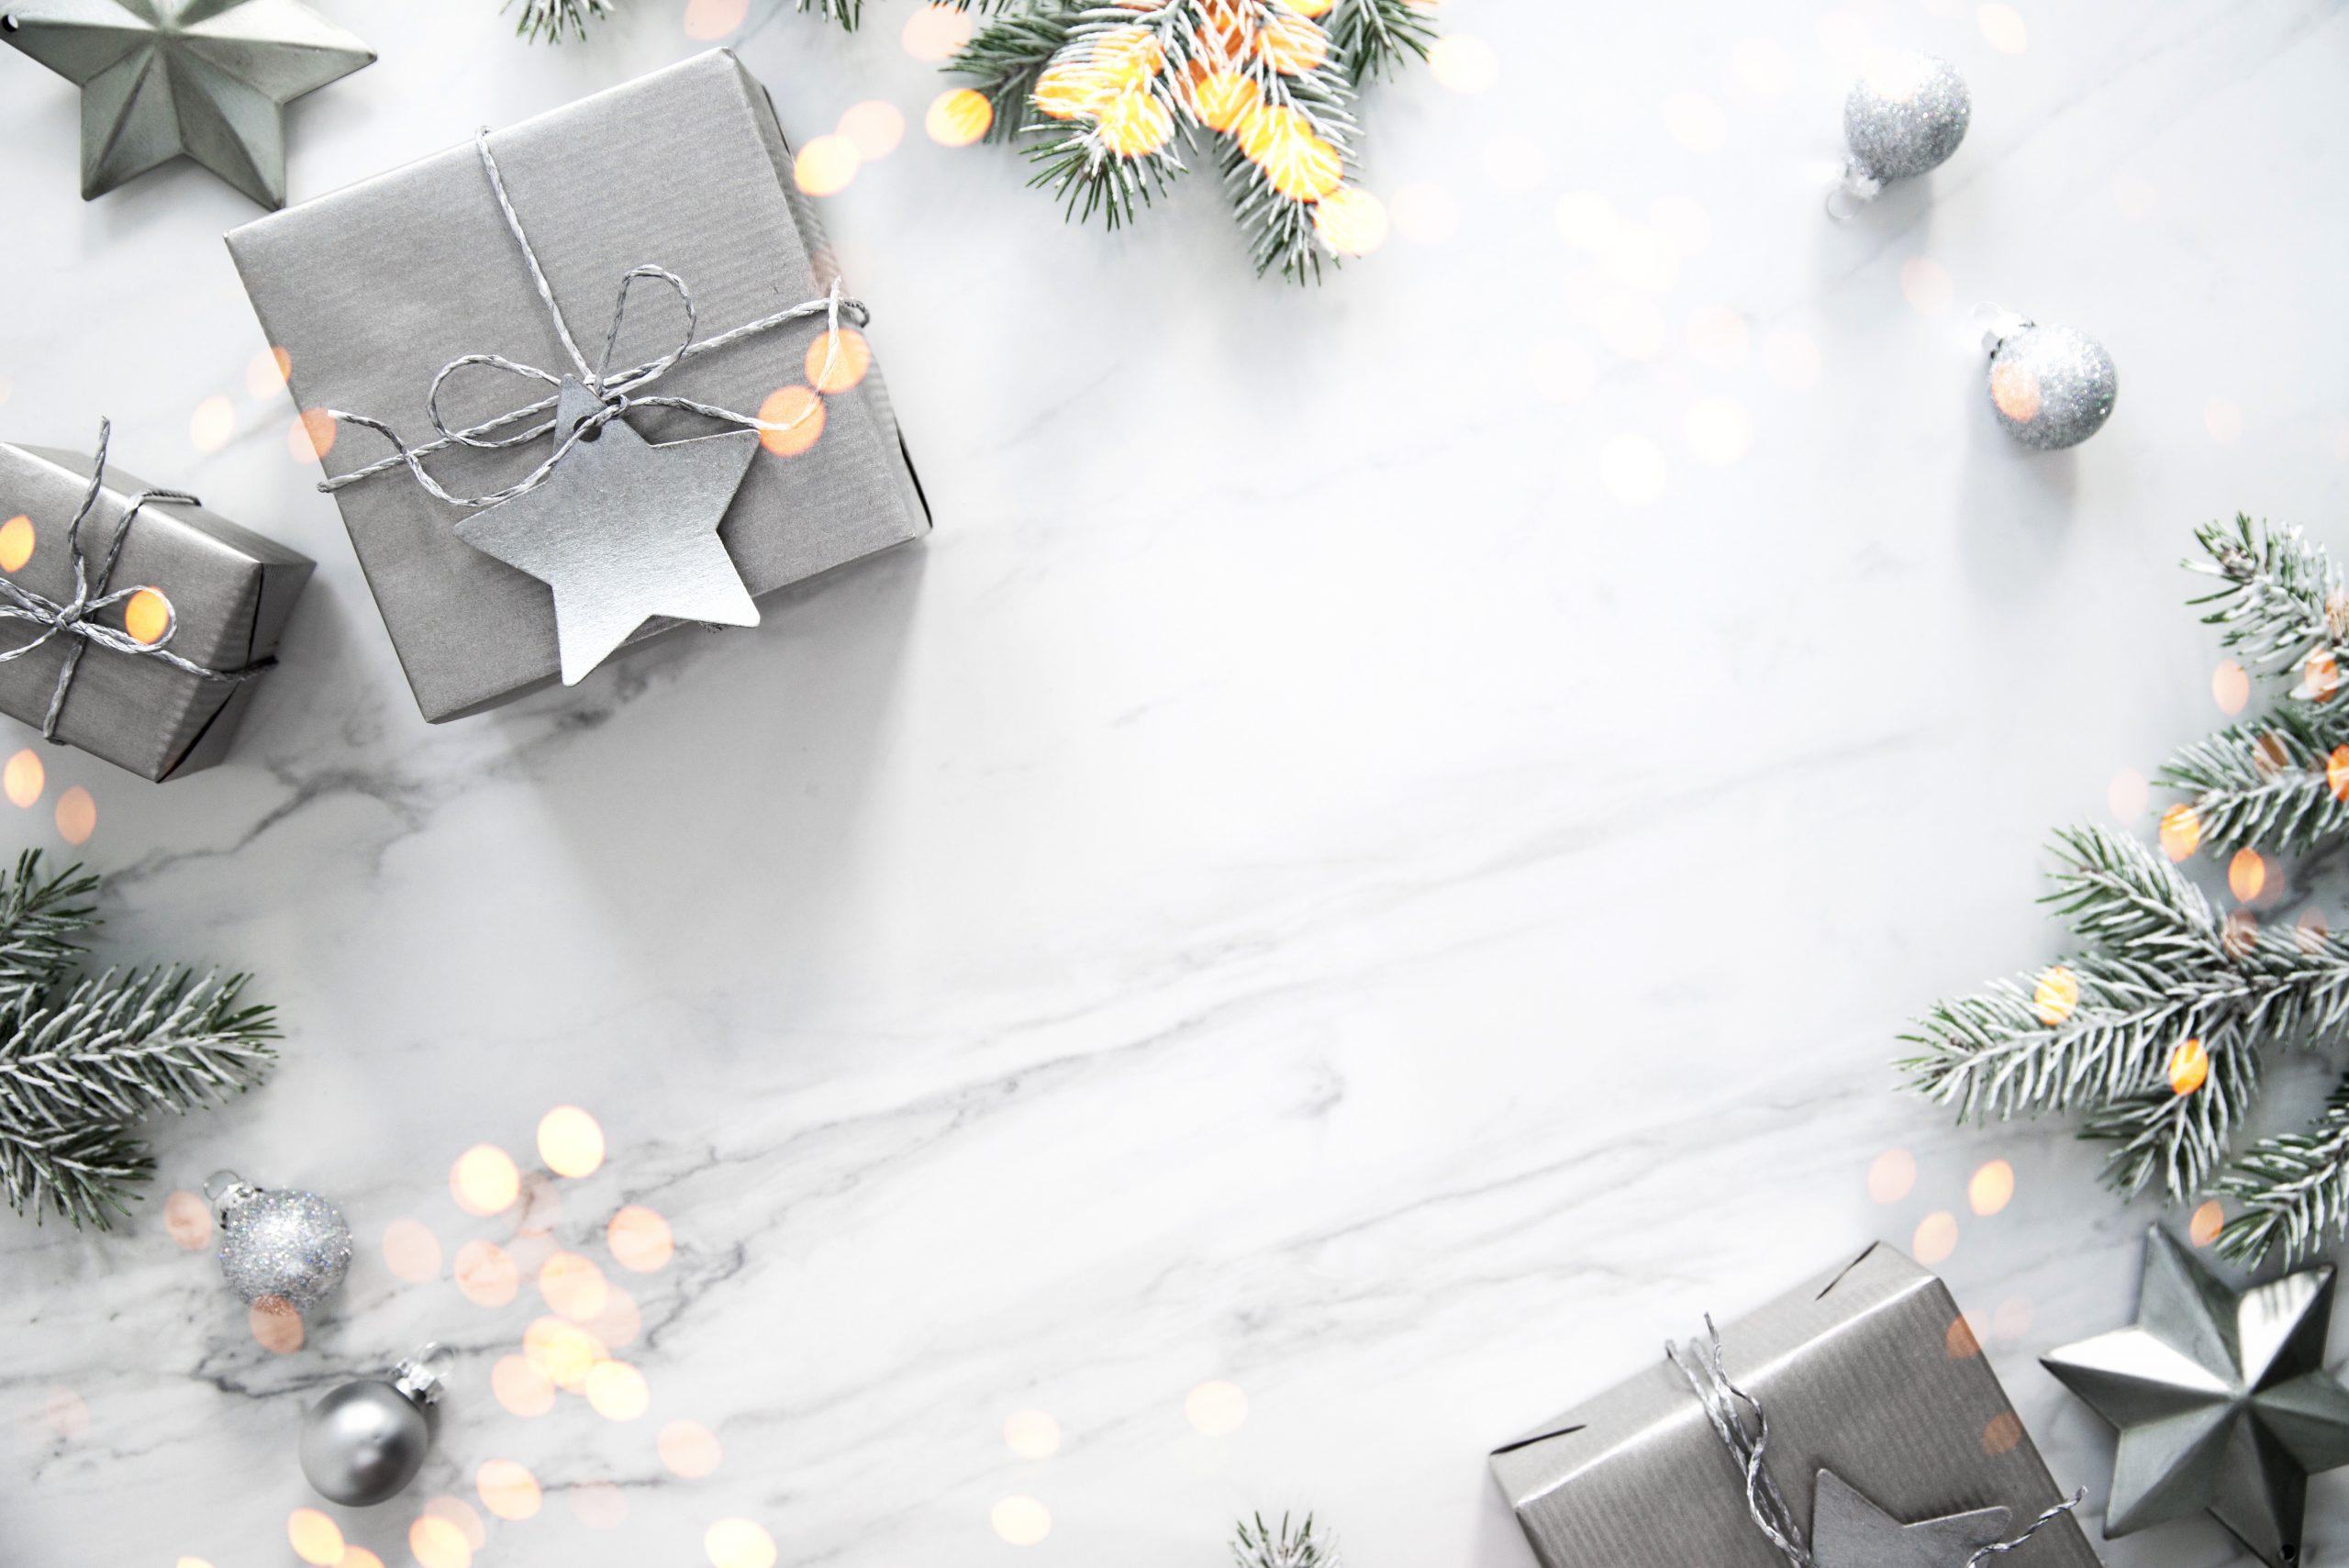 Frohe Weihnachten wünscht Maletz & Hoffstedde und Team